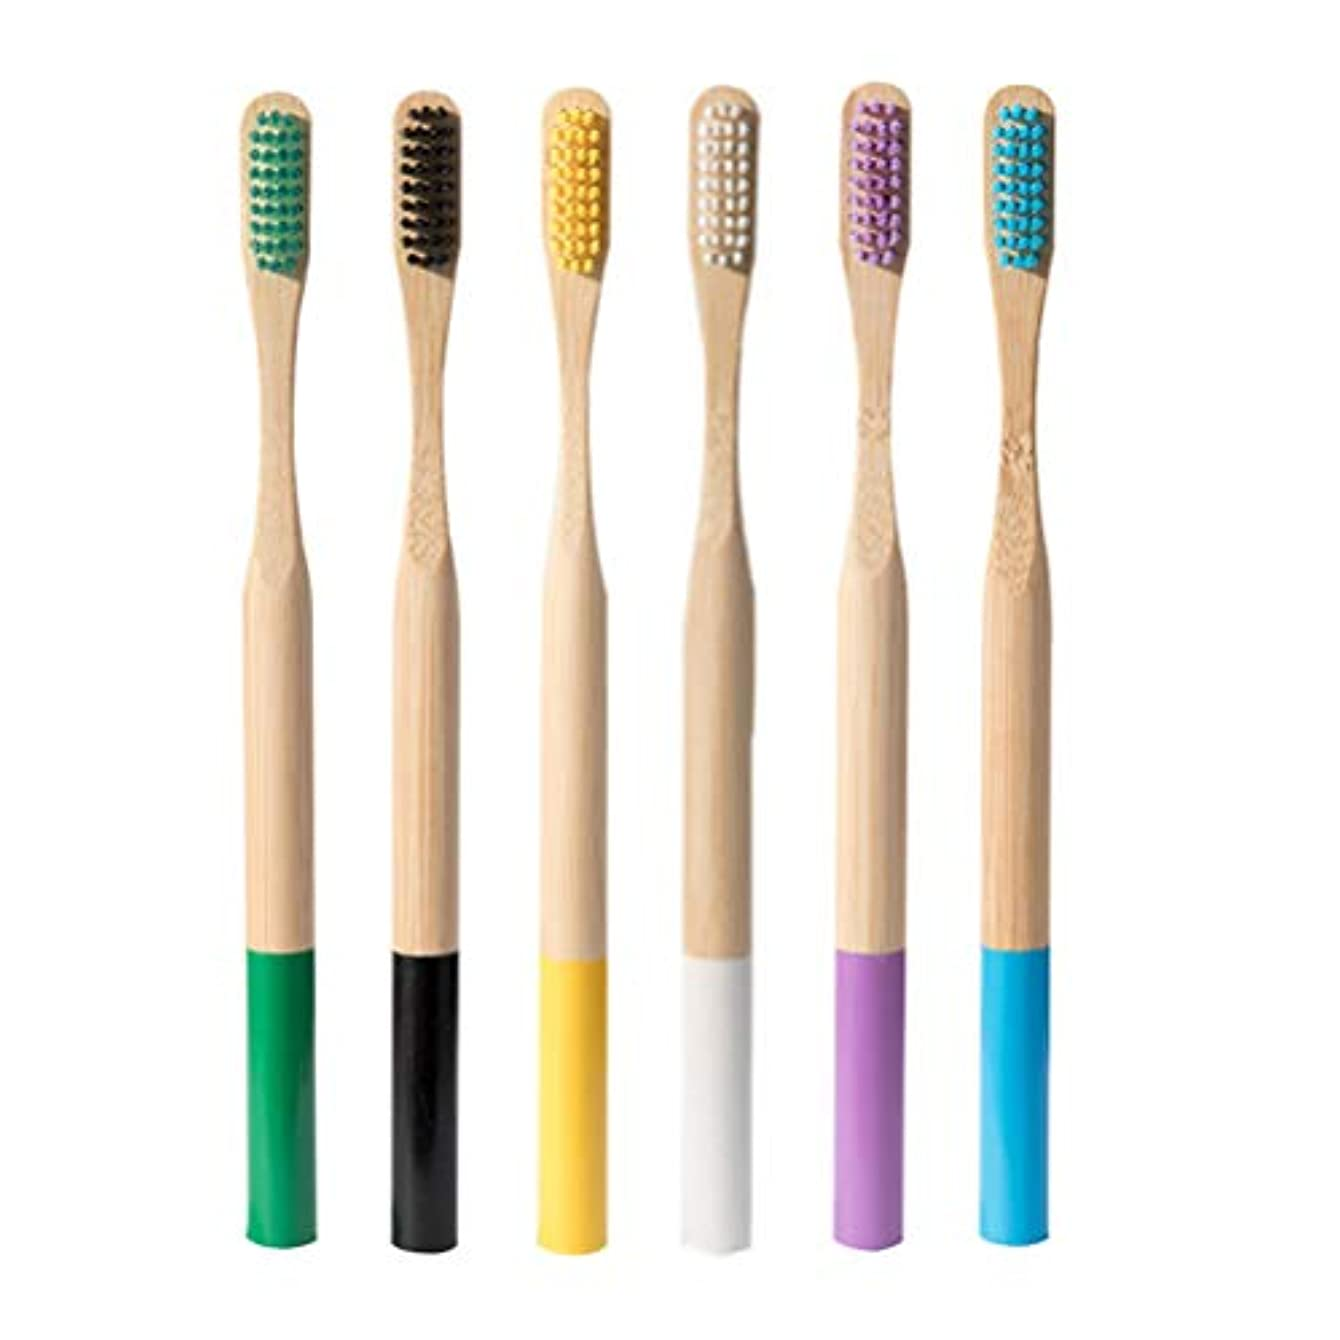 新しさそこからインフルエンザHealifty 歯ブラシ環境に優しい竹歯ブラシ6pcs